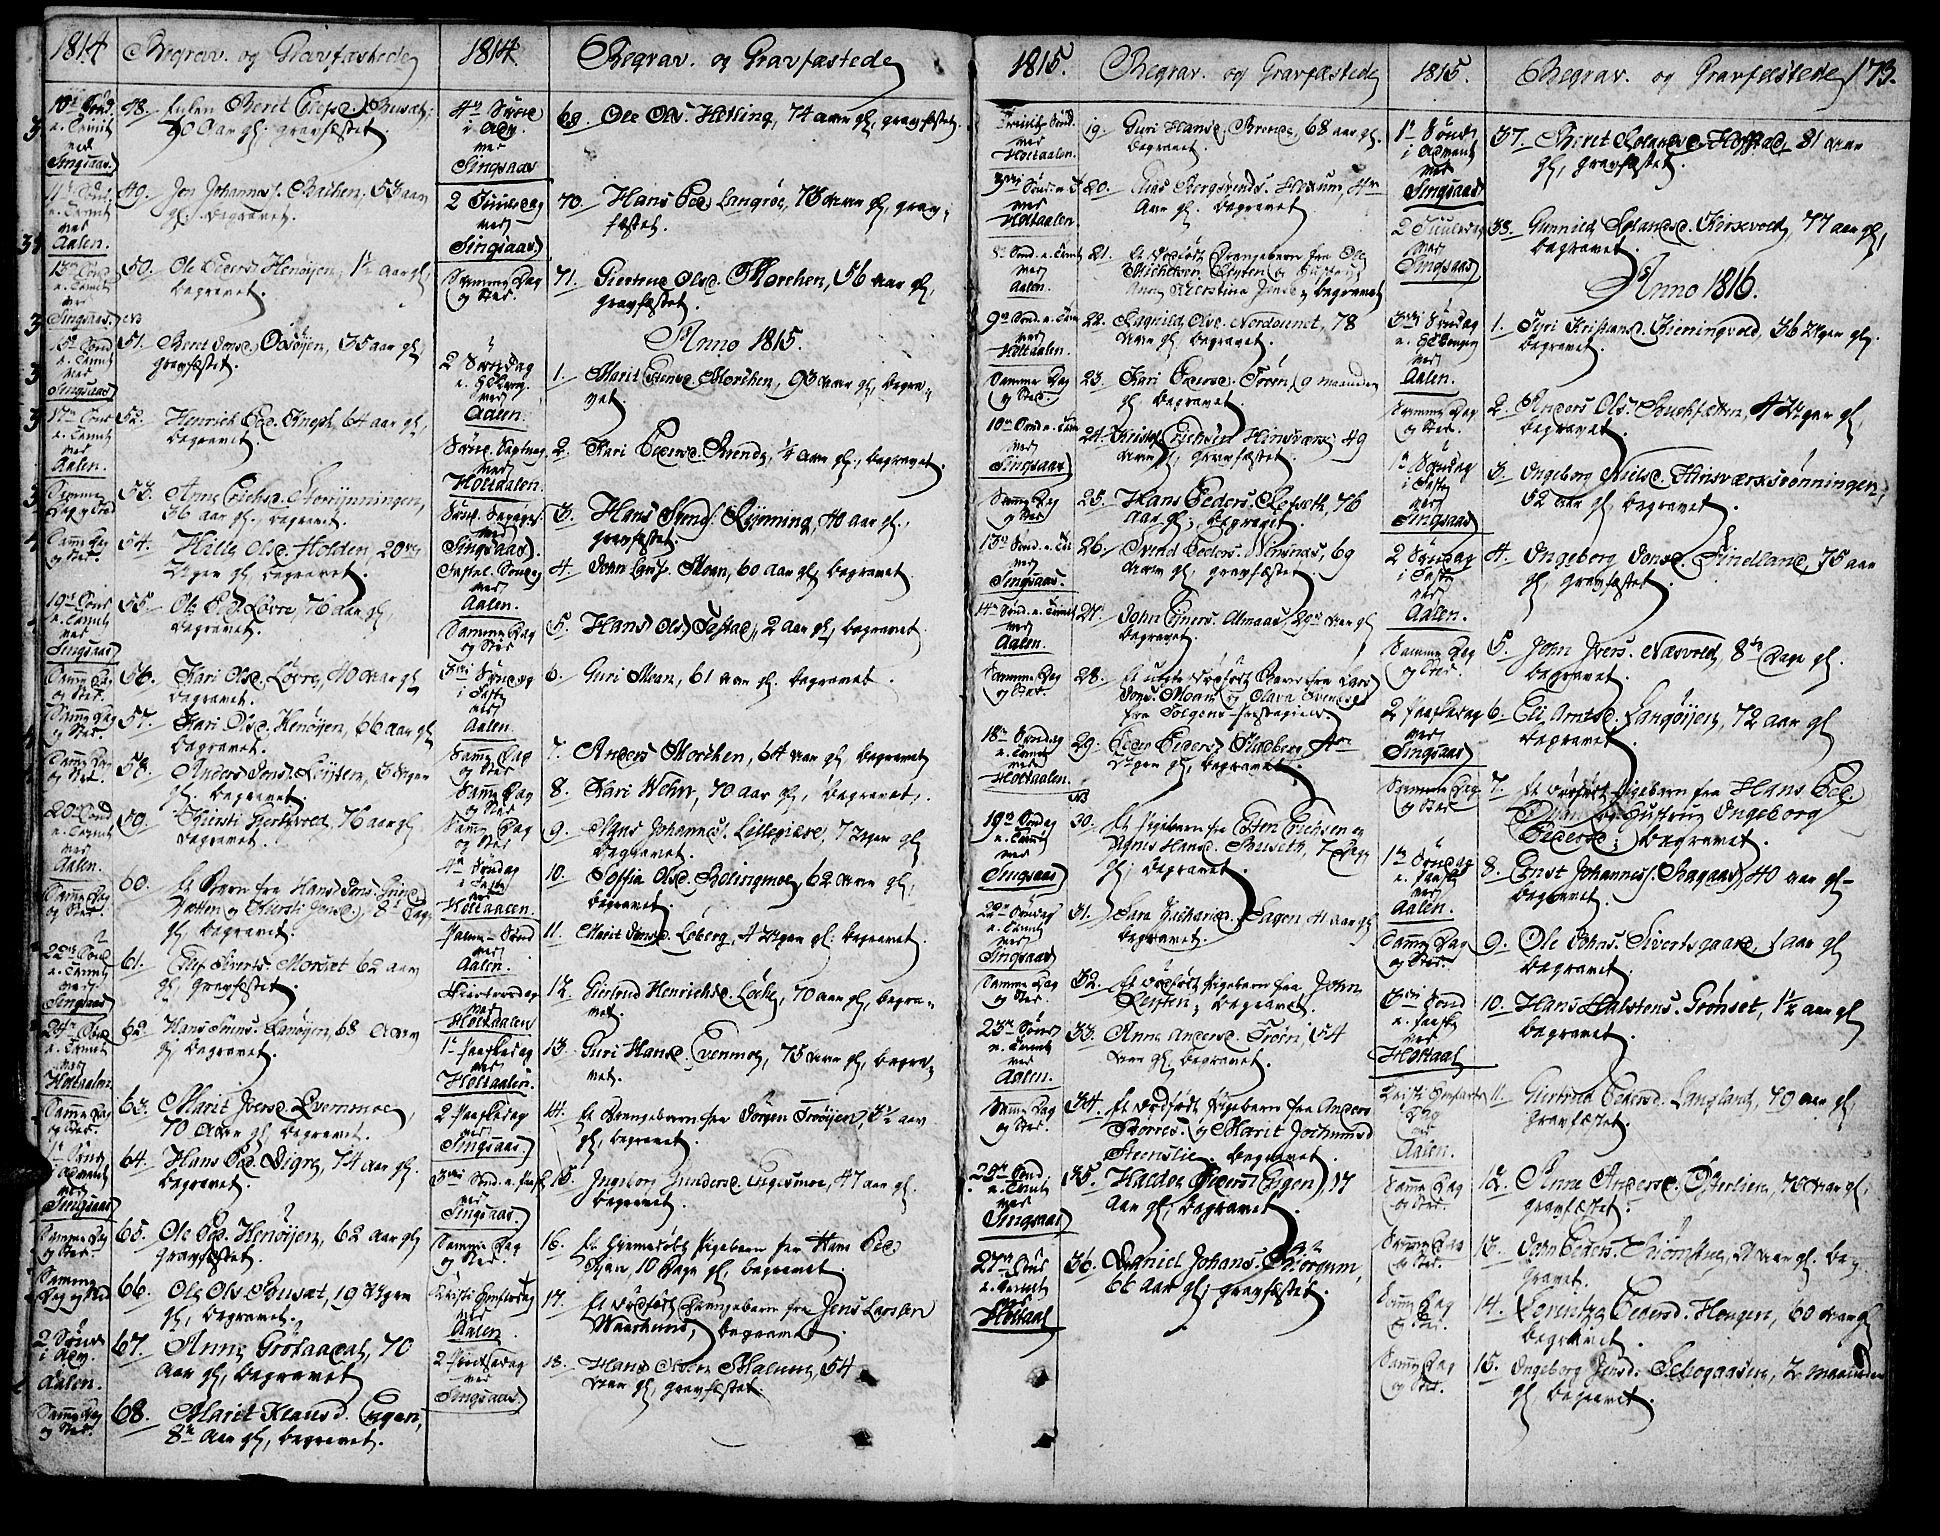 SAT, Ministerialprotokoller, klokkerbøker og fødselsregistre - Sør-Trøndelag, 685/L0953: Ministerialbok nr. 685A02, 1805-1816, s. 173